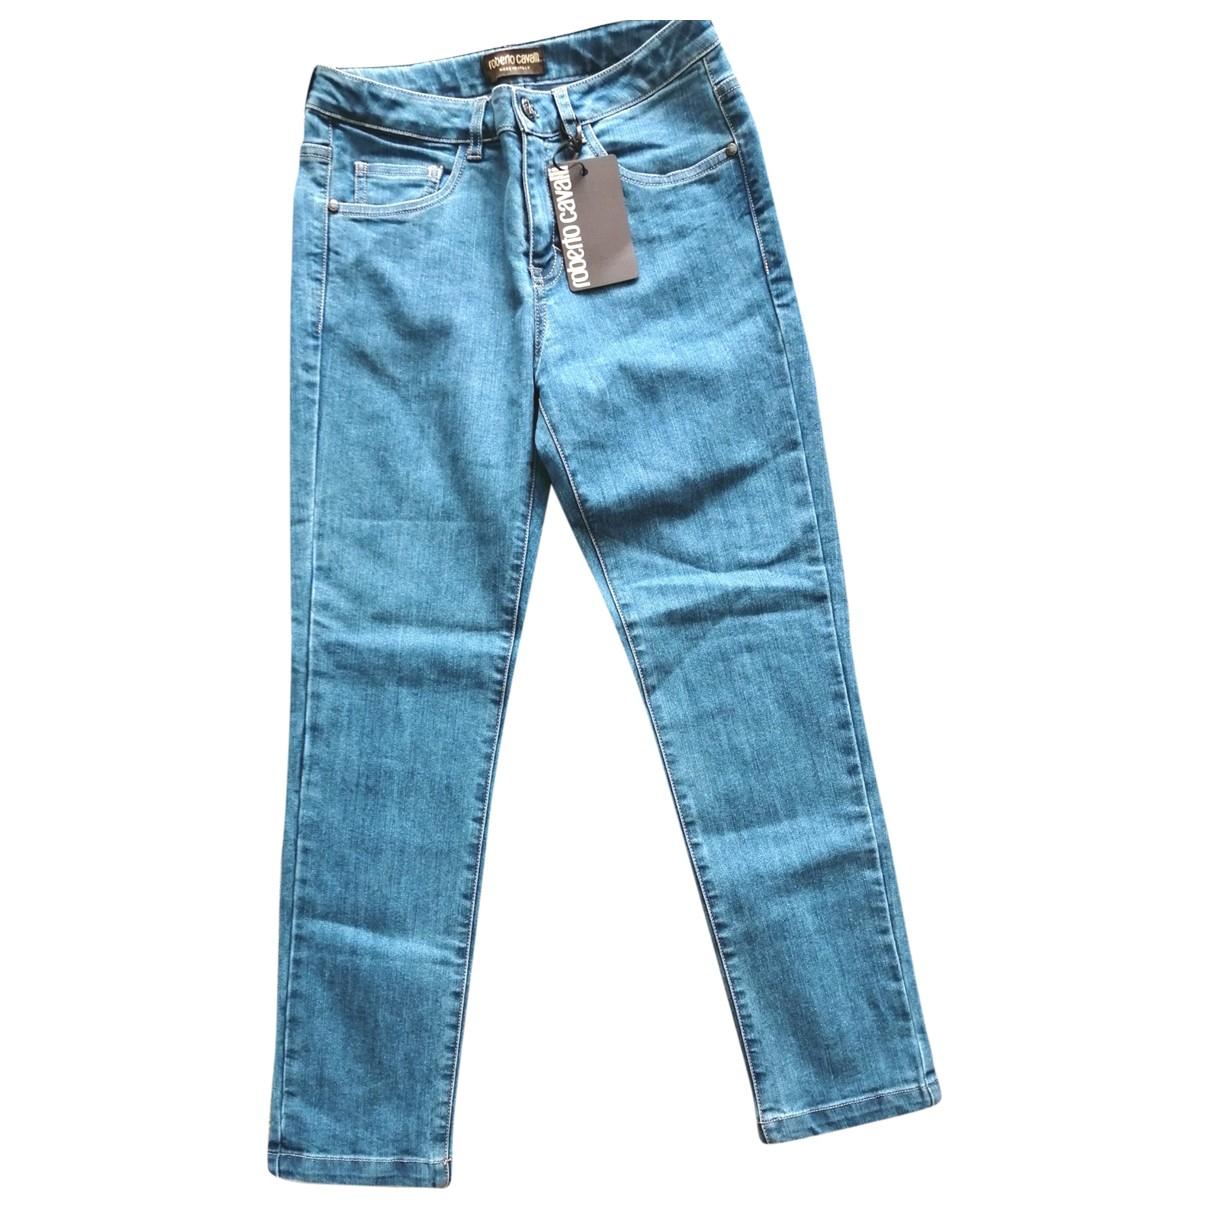 Roberto Cavalli \N Blue Denim - Jeans Jeans for Women 34 FR